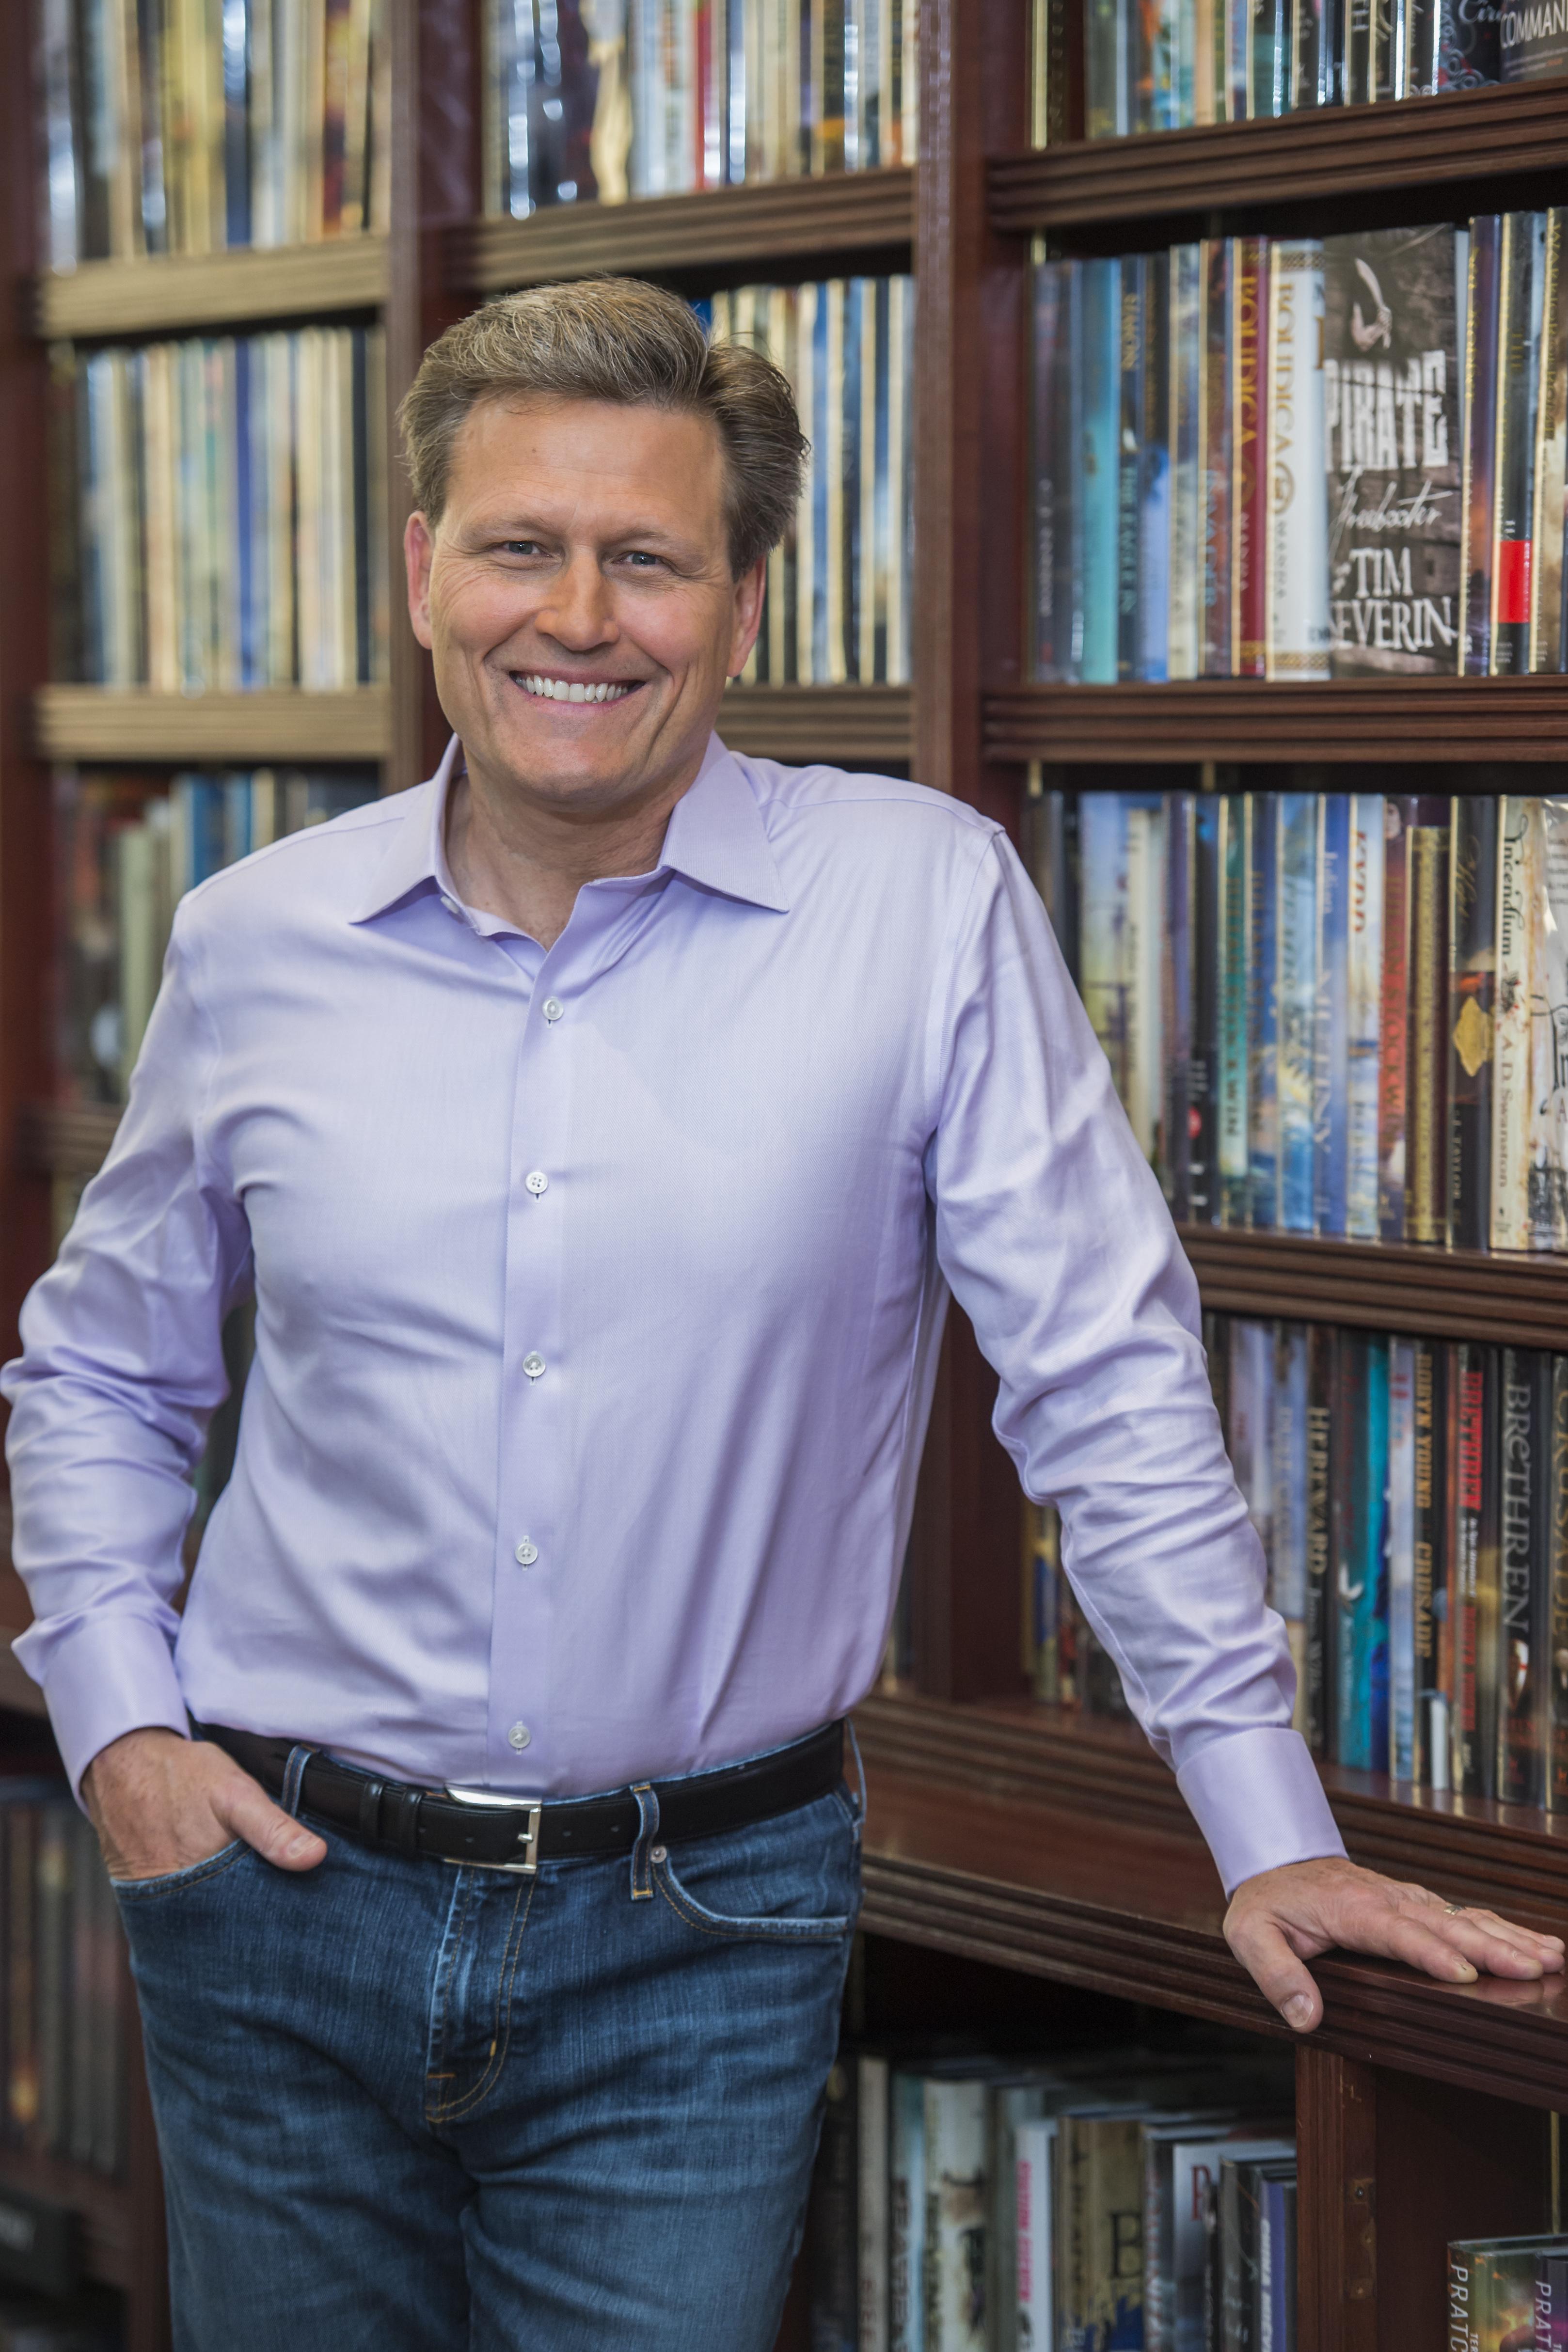 David Baldacci leans against bookcase